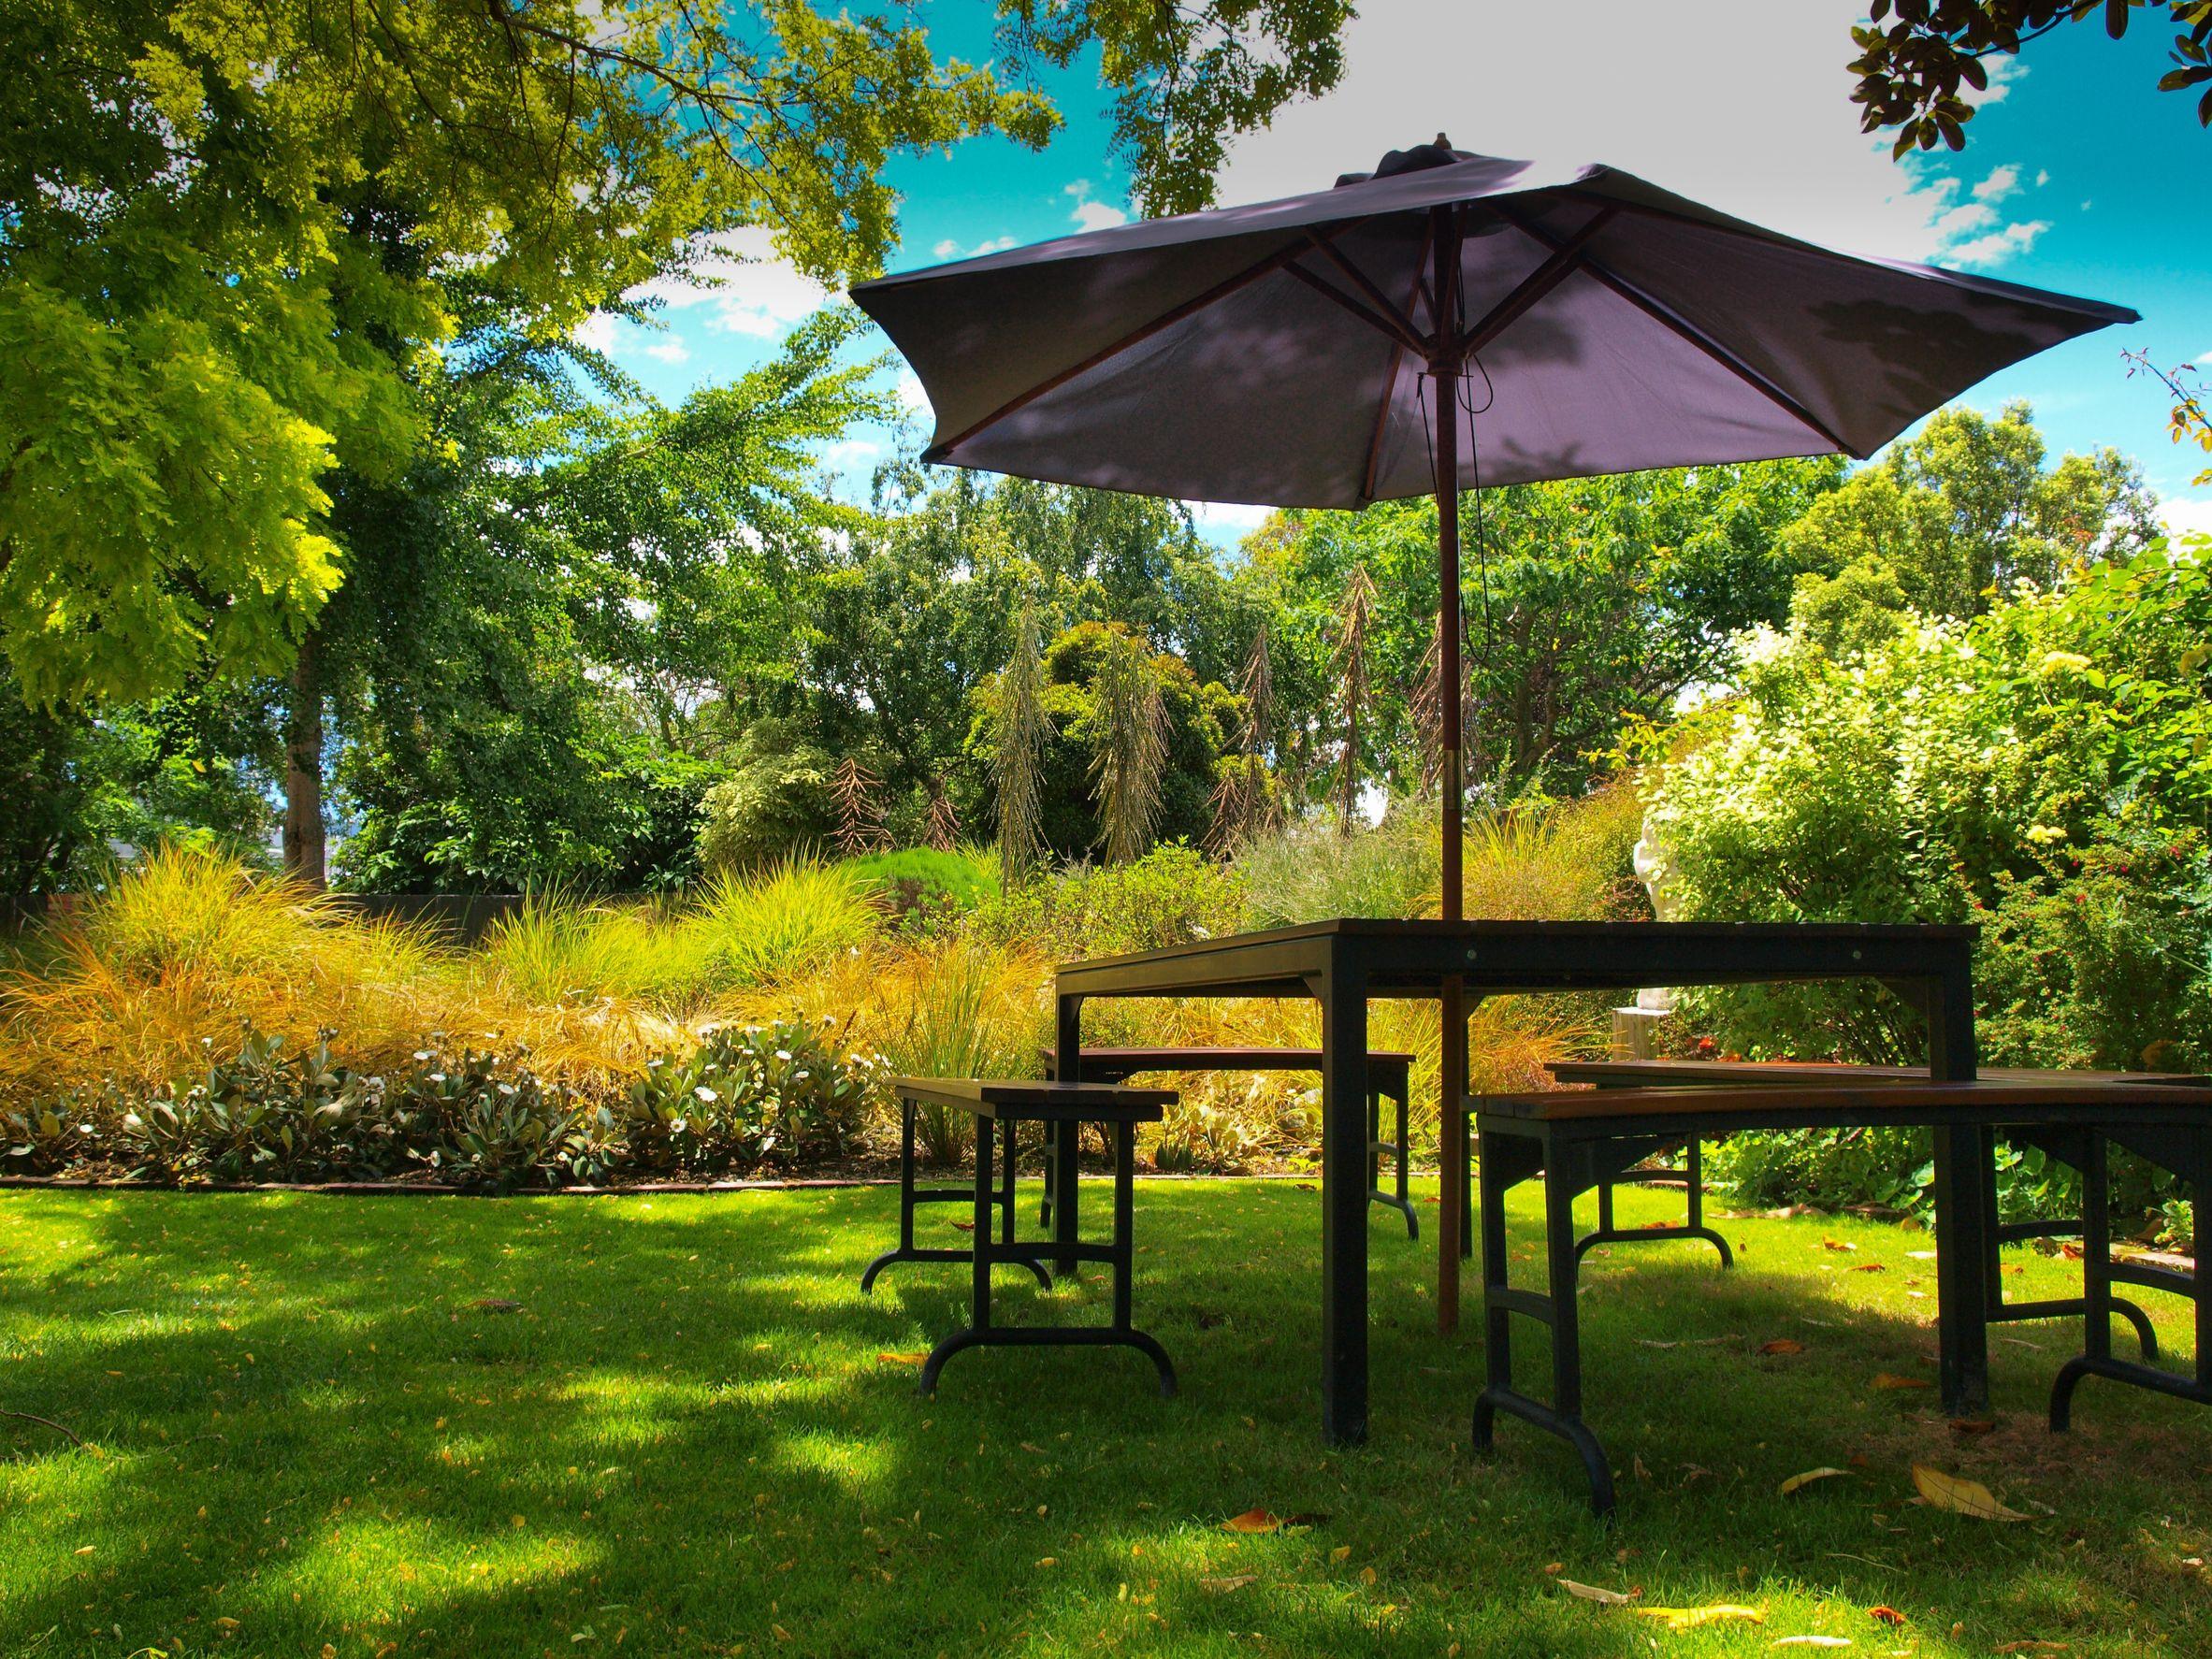 Mesa de comedor con sillas y sombrilla en la sombra de un frondoso jardín